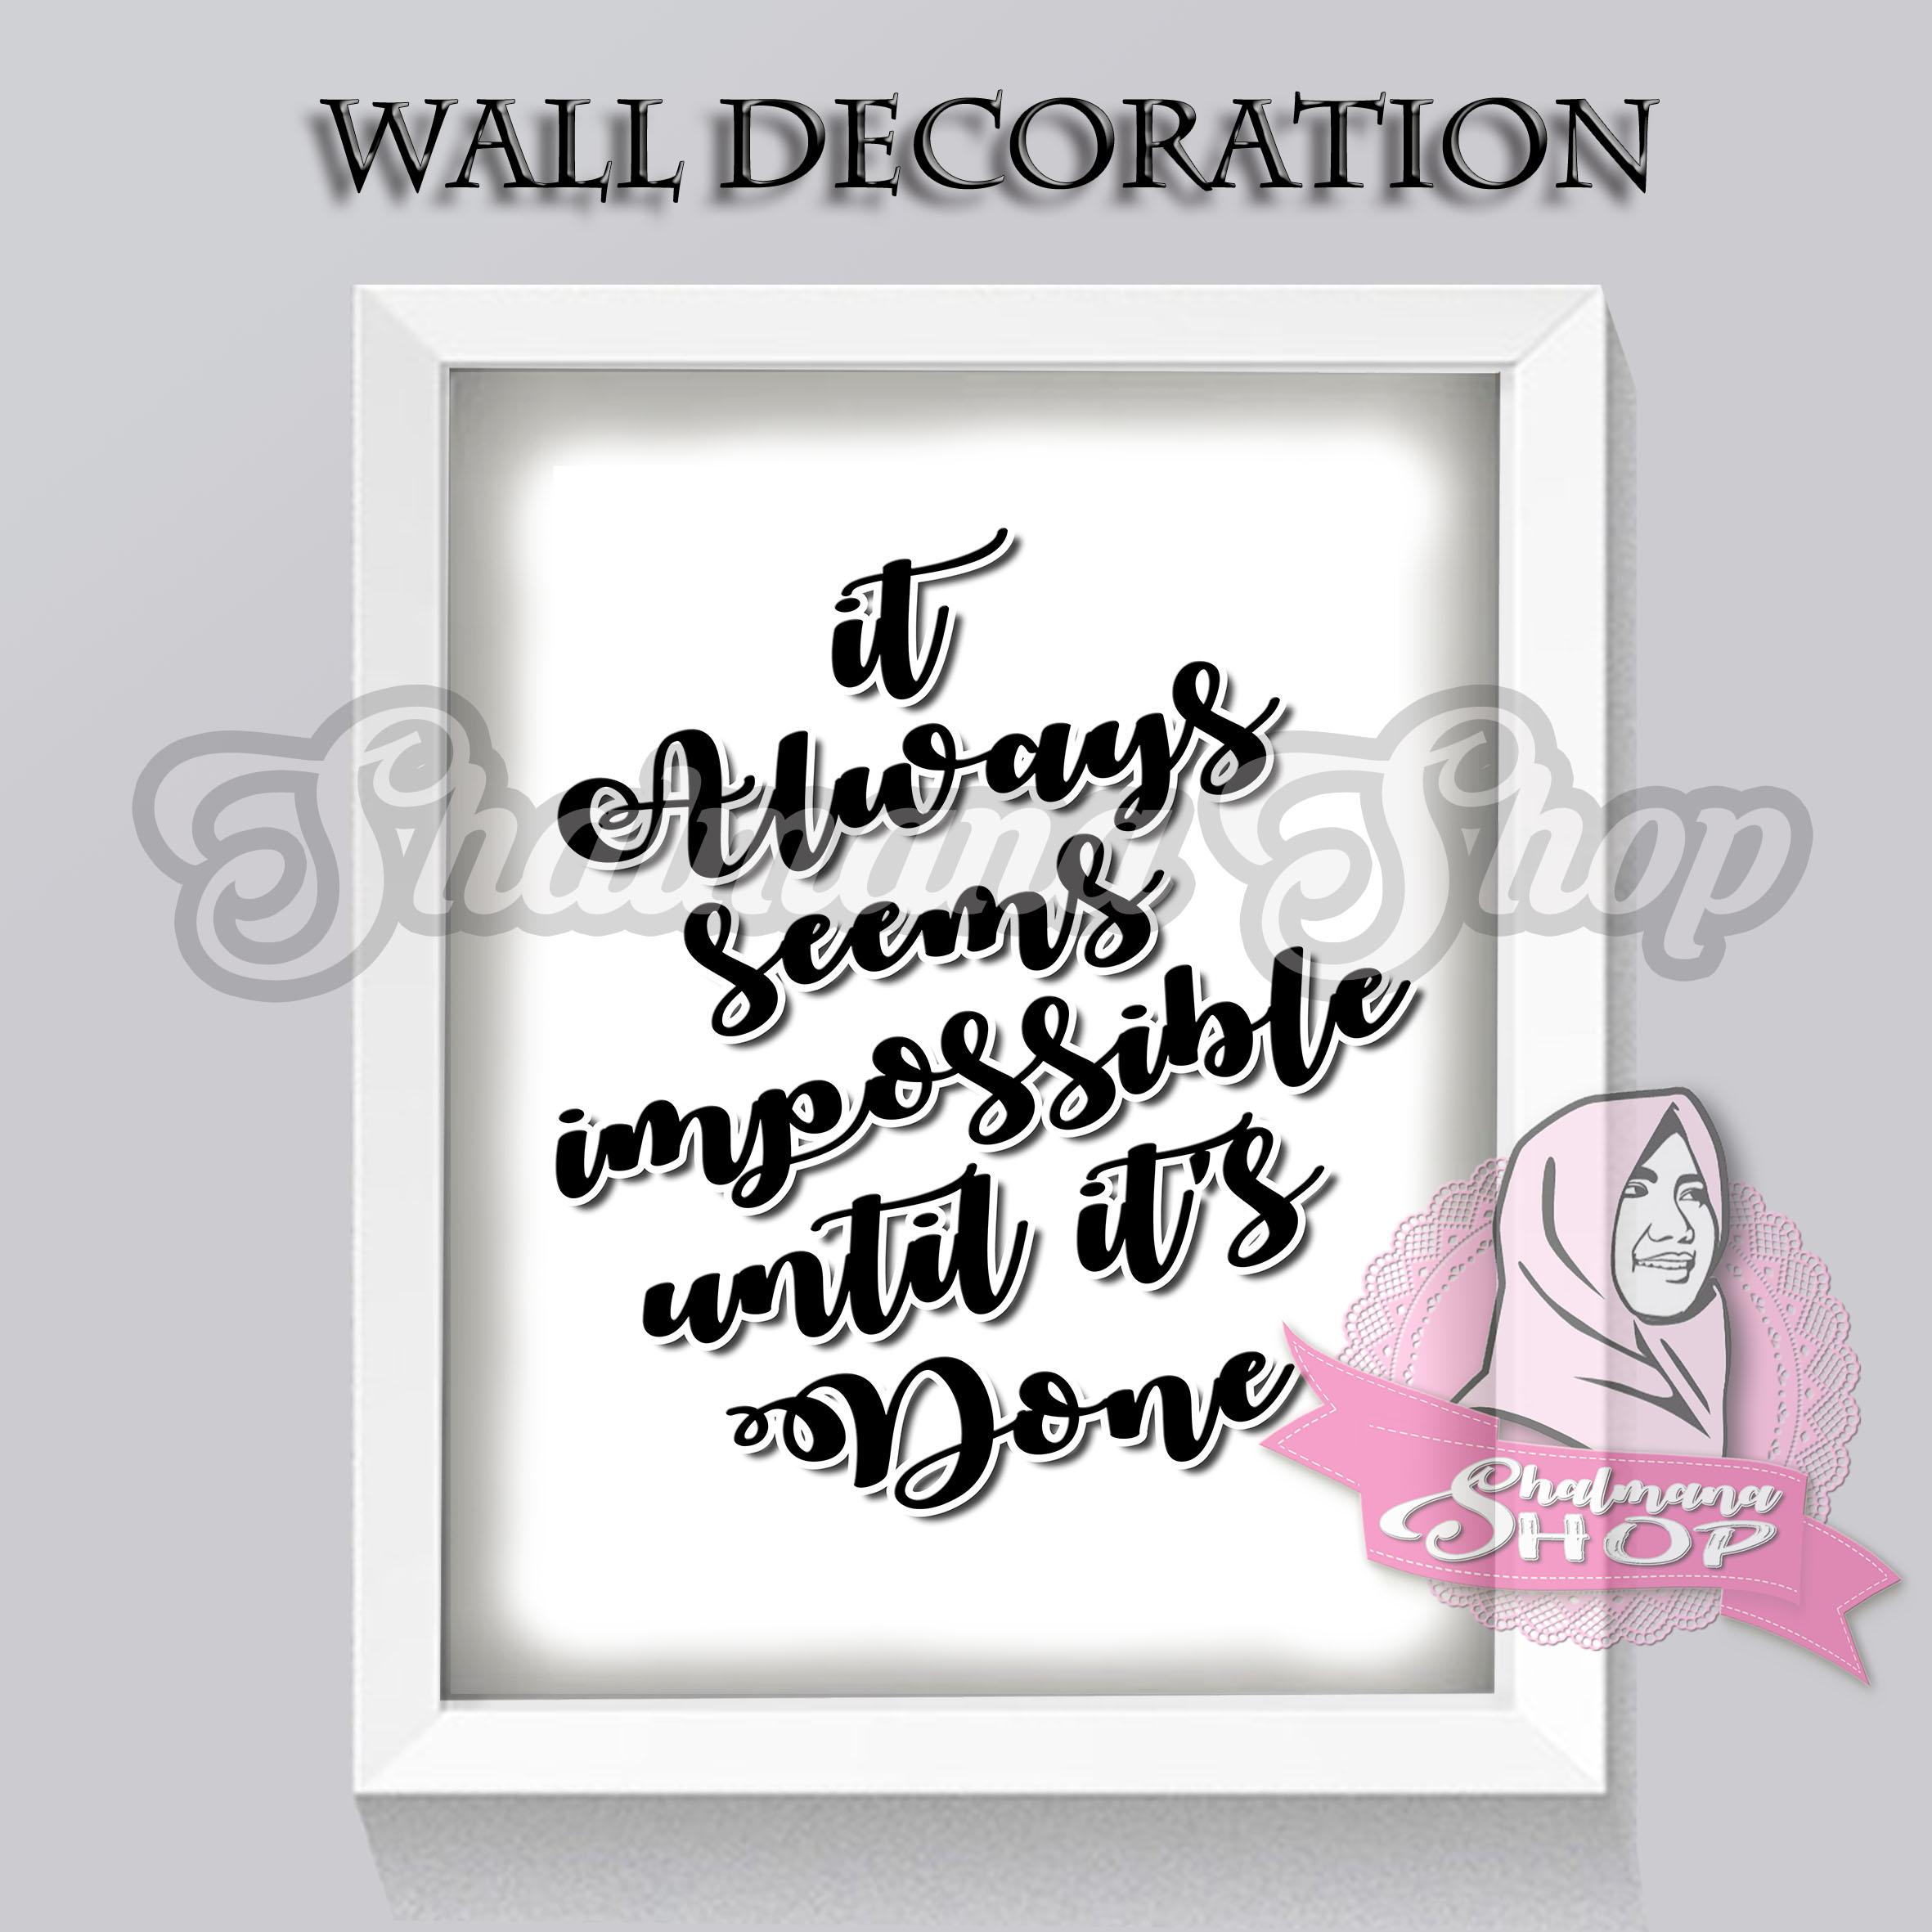 Hiasan Dinding Wall Decoration Wall Art Bunga Poster Tumbler Desain